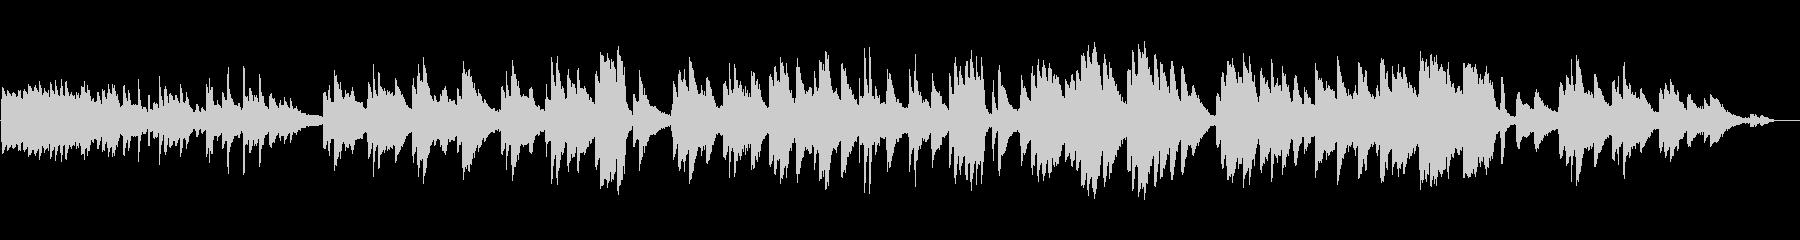 生ピアノ録音-森に迷い込んだようなピアノの未再生の波形